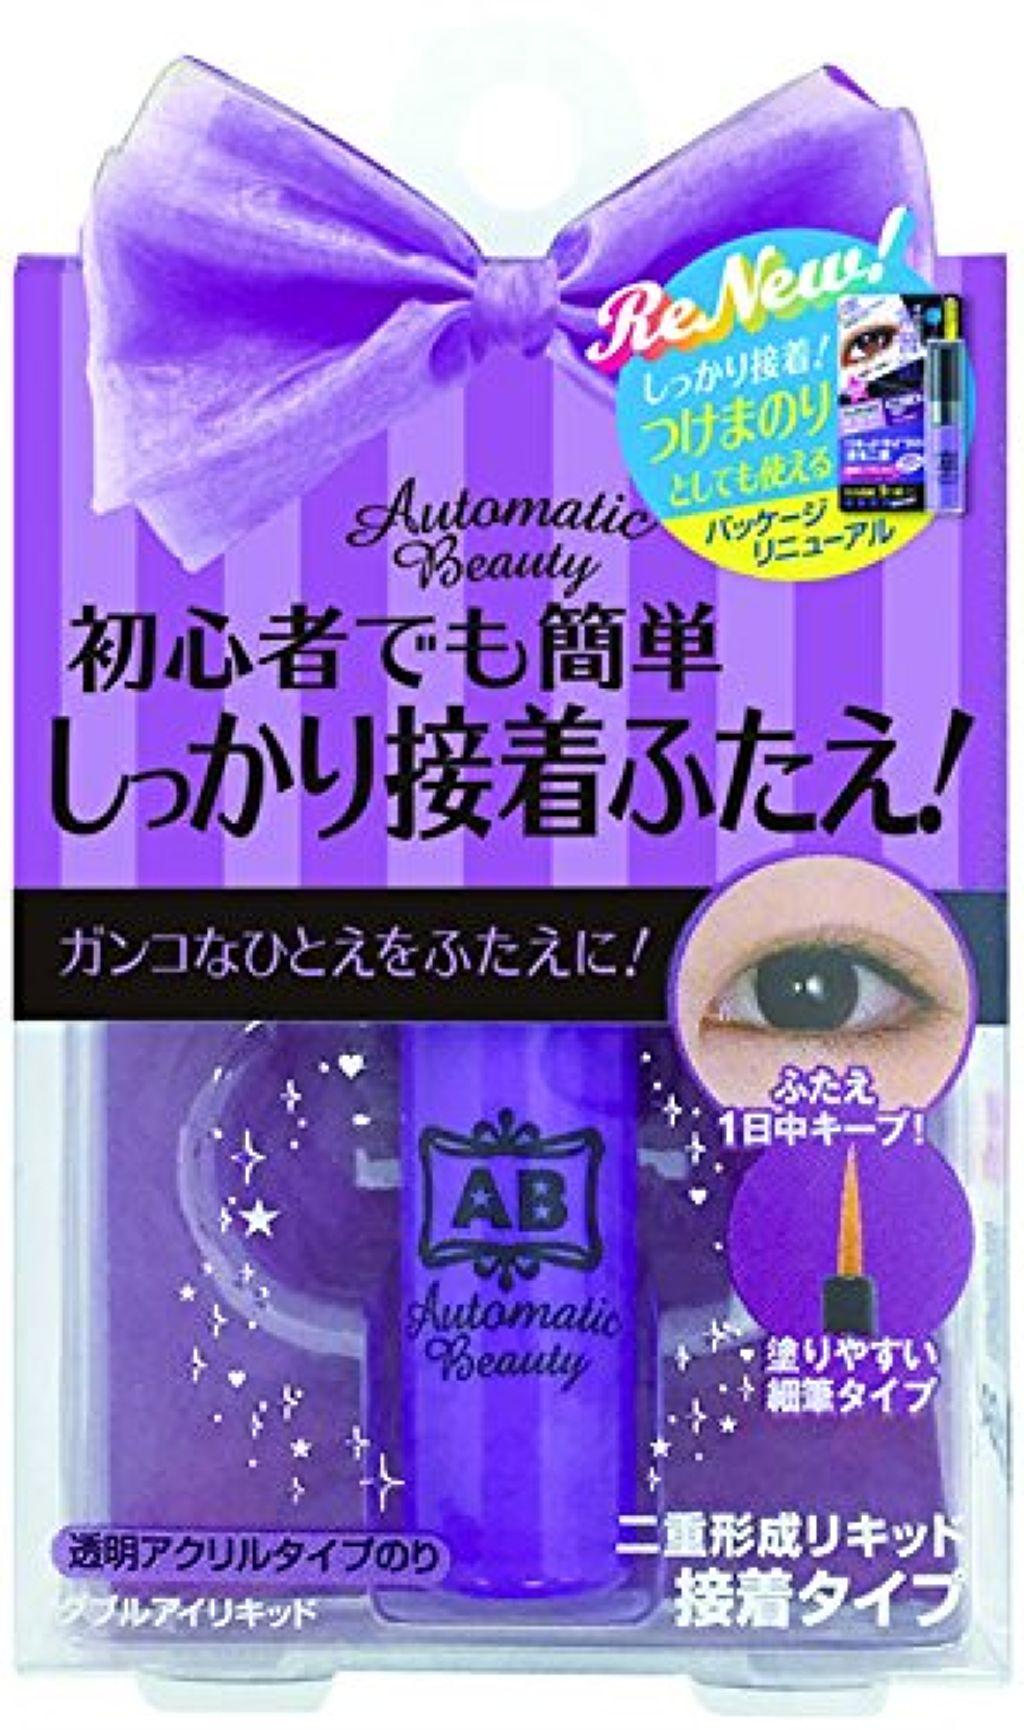 Product amazon25746img